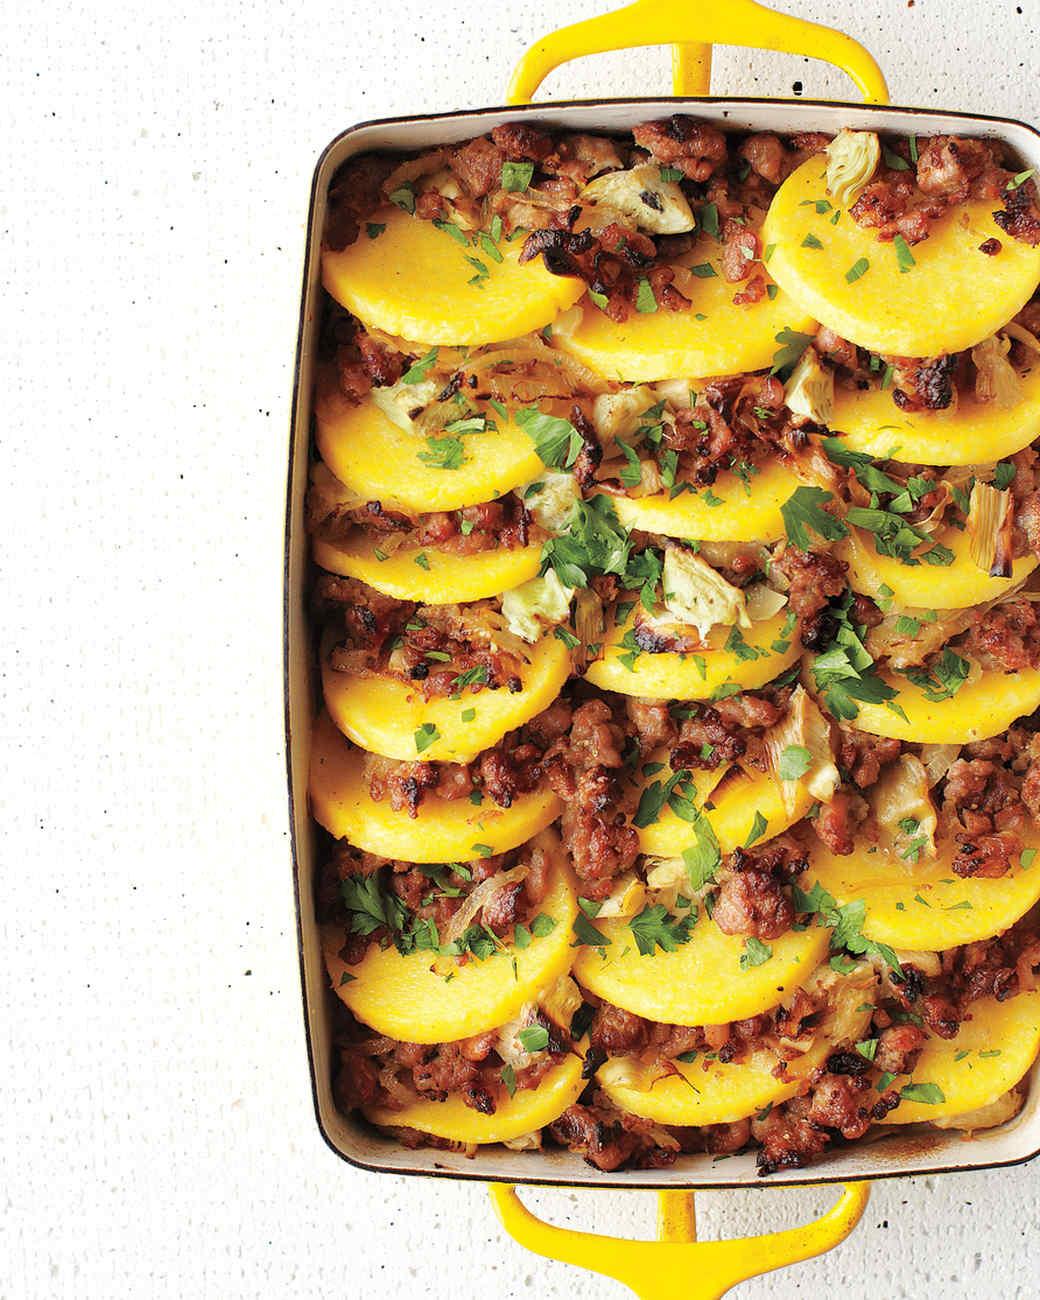 baked-polenta-sausage-artichoke-hearts-med108372.jpg